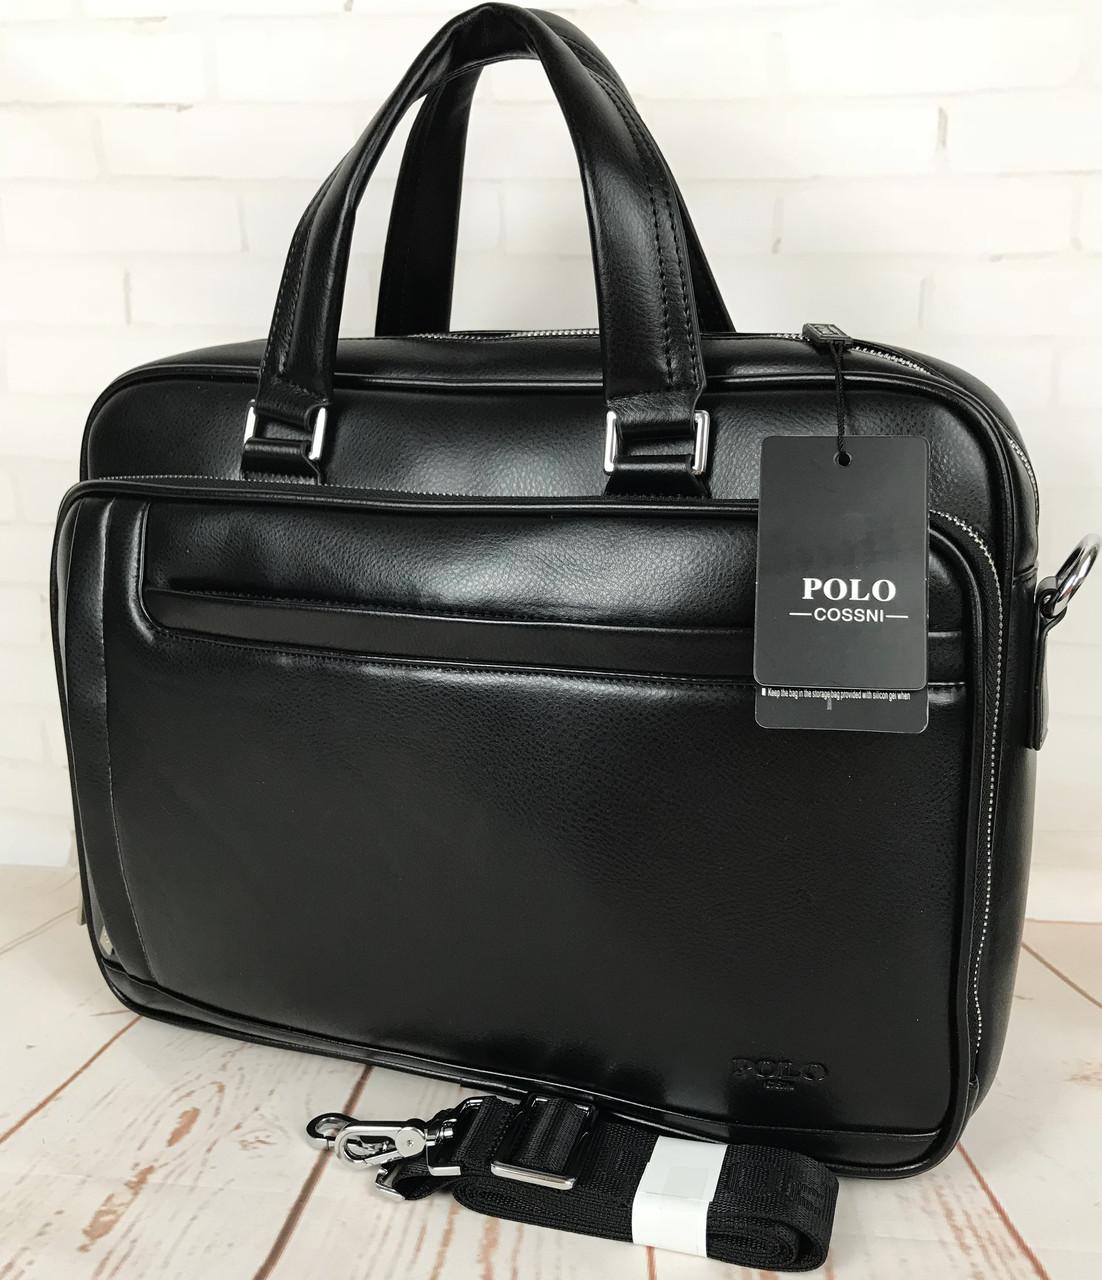 26fa10fe3076 Мужская сумка-портфель Polo для документов формат А4 КС99 -  интернет-магазин